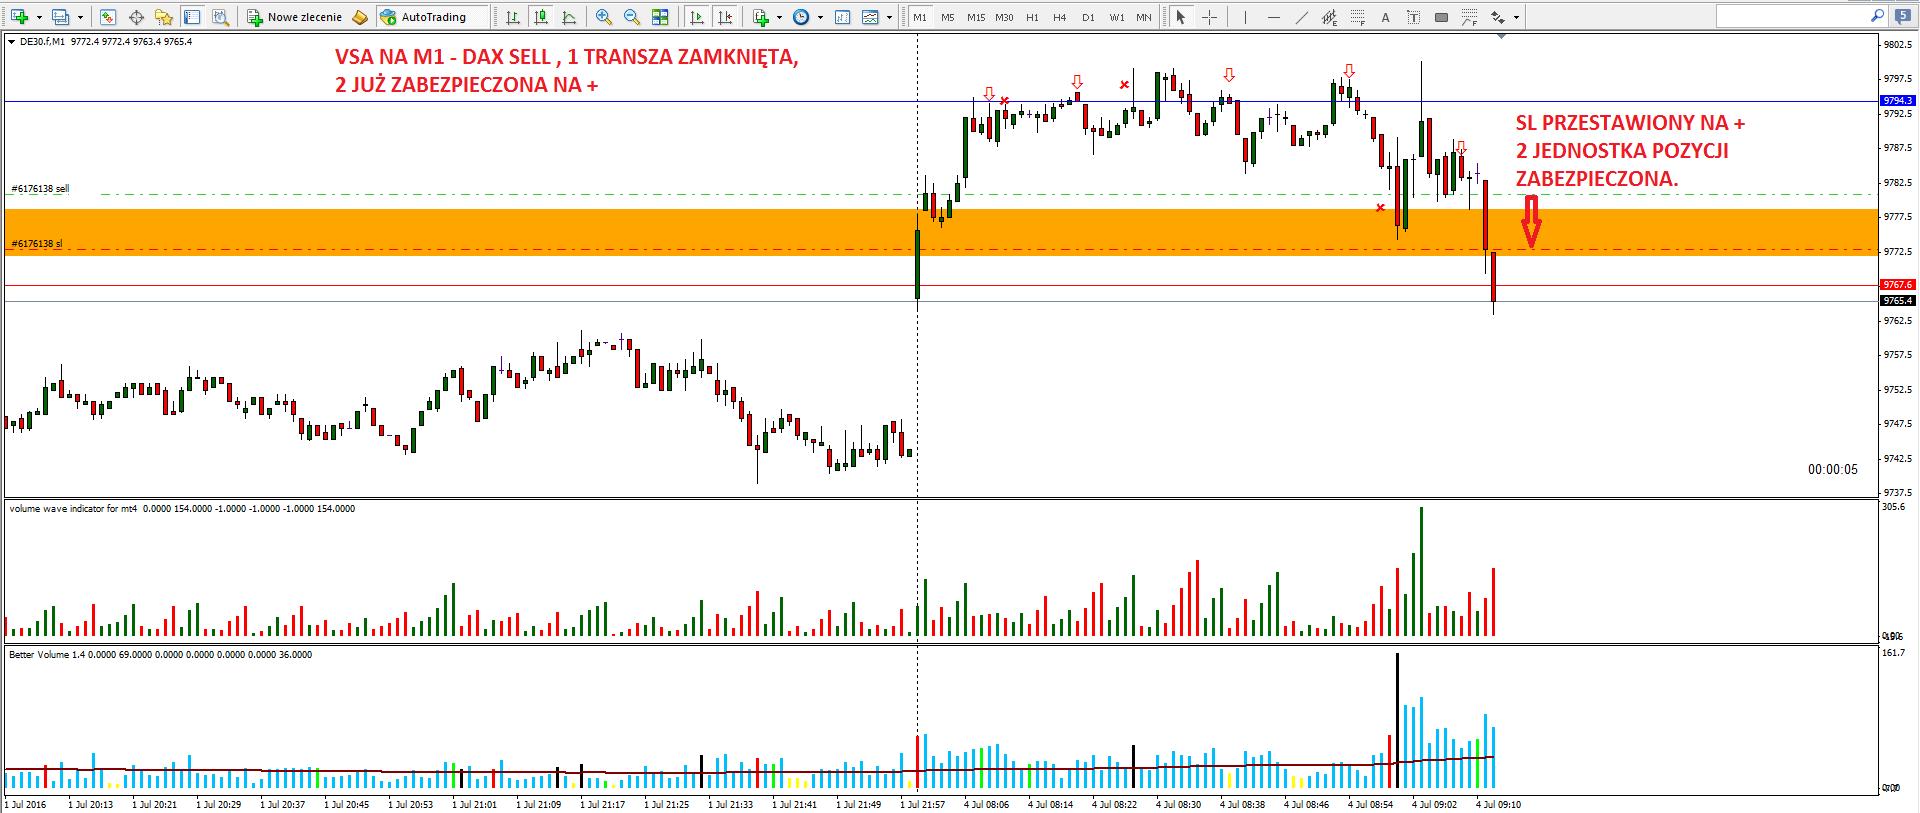 8-forex-skuteczna strategia-myforex-trader-trading-waluty-dax-prosta strategia tradingowa-broker-sukces-wolumen-vsa-świec japońskie-formacje świecowe-poziomy fibo-scalping